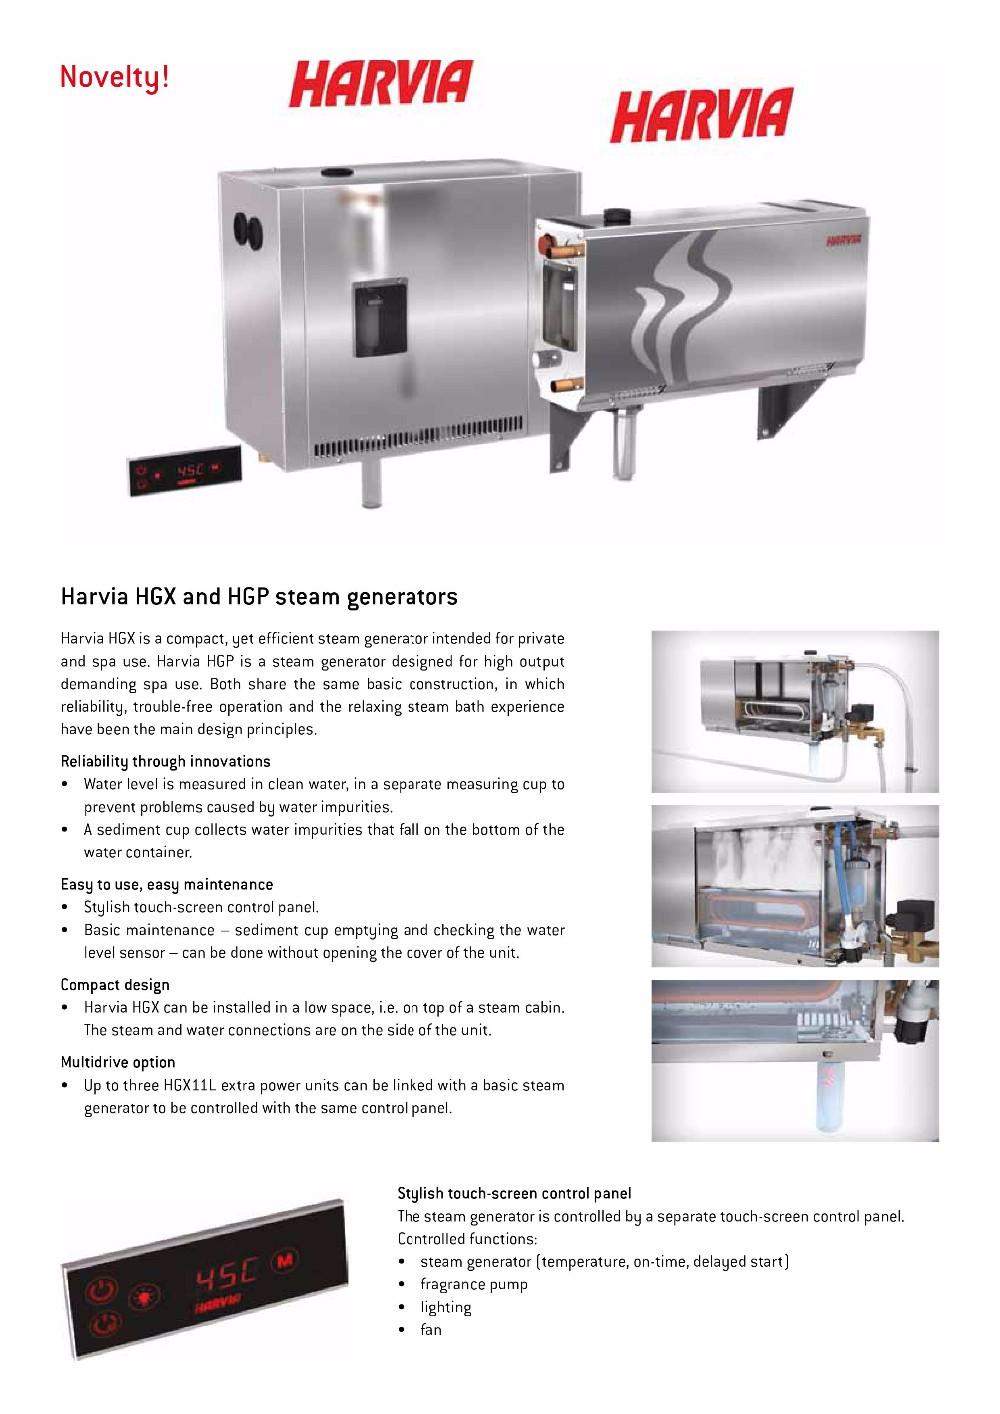 Personal Harvia Ozone Steam Sauna Machine - Buy Personal ...